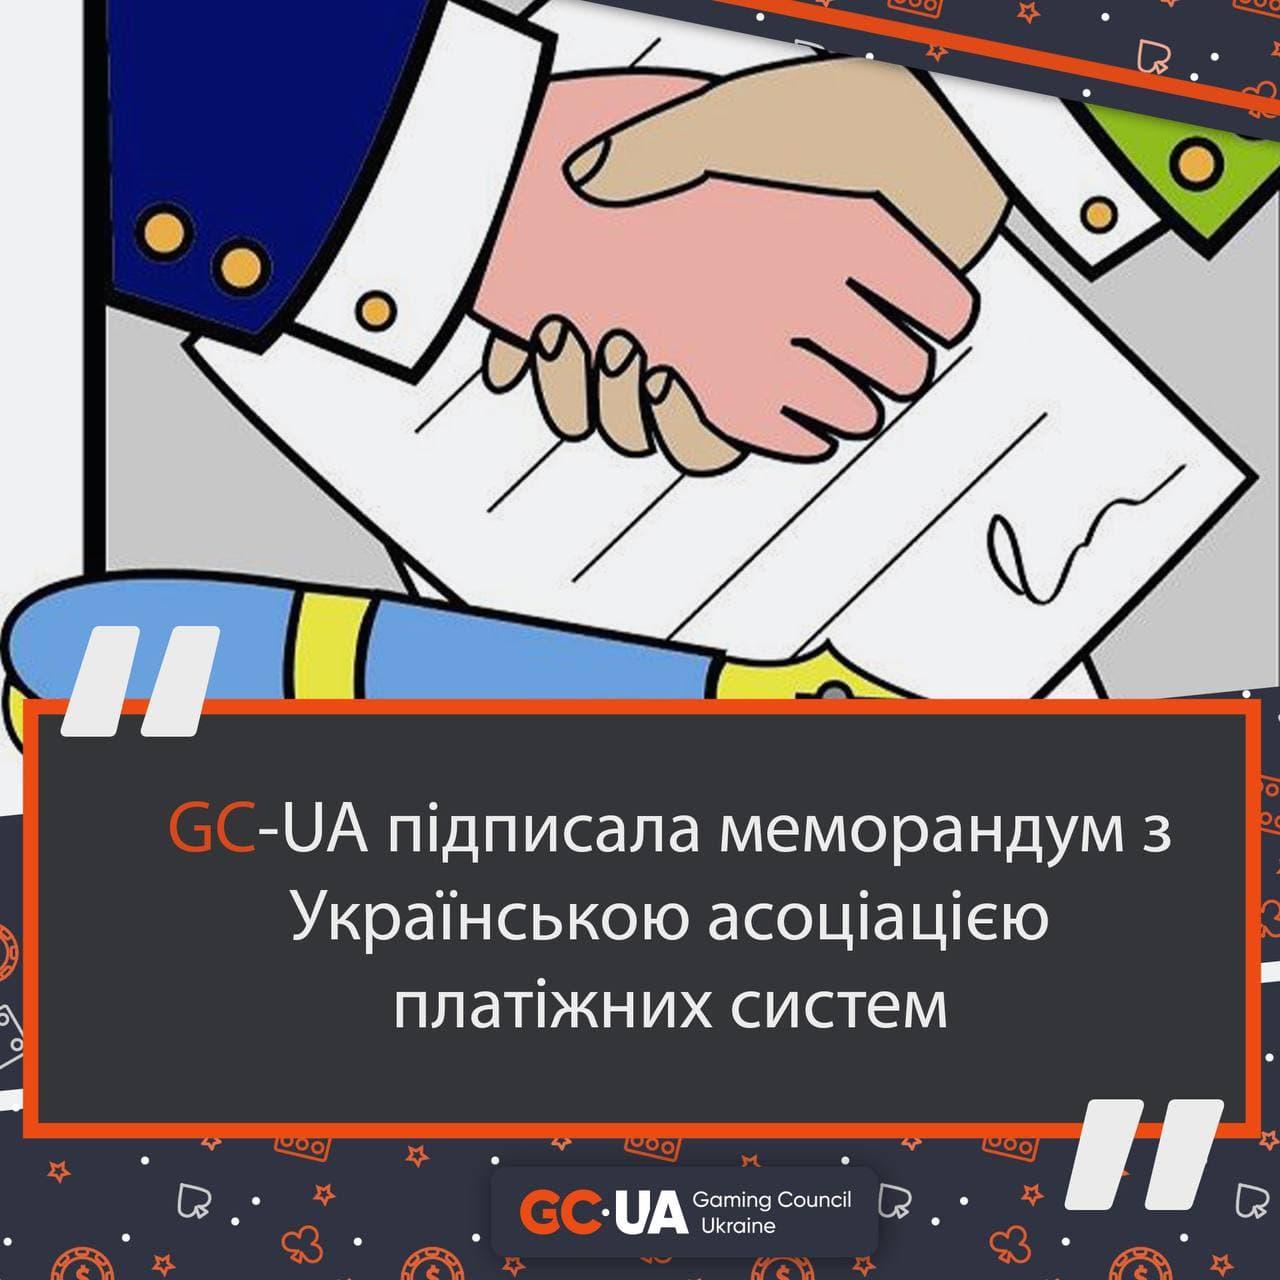 GC-UA підписала меморандум з Українською асоціацією платіжних систем